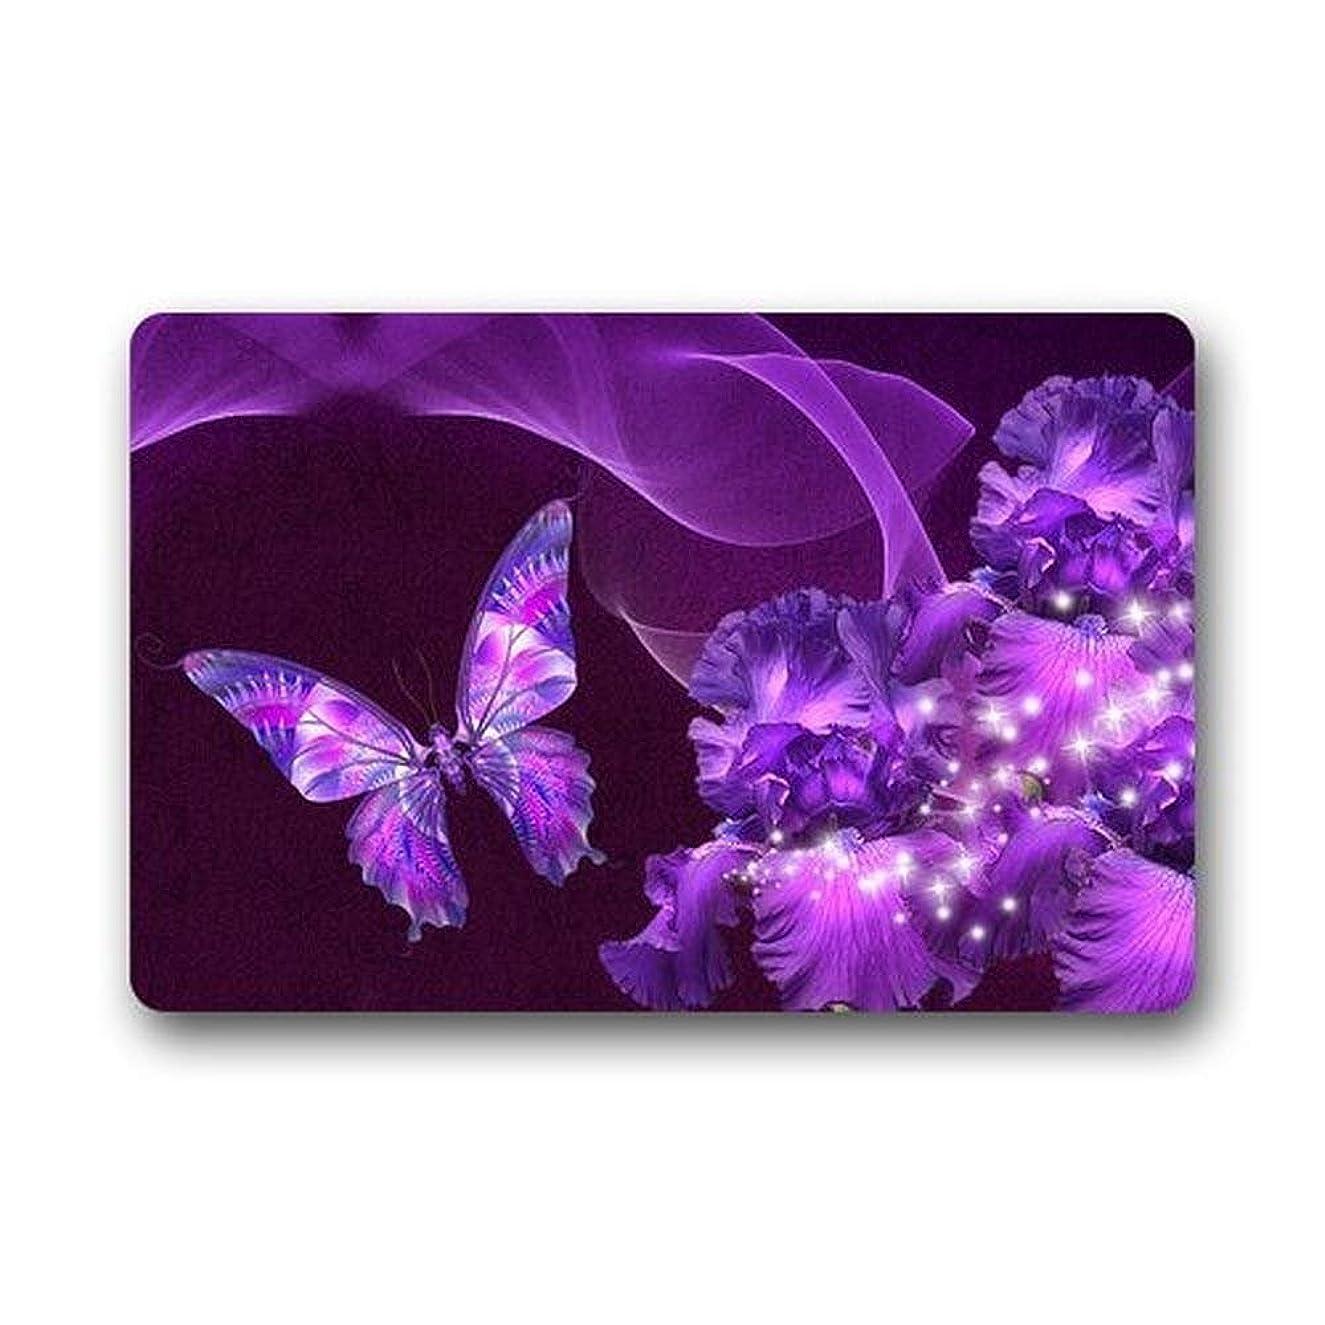 Door Mat Purple Butterfly and Flower Non Slip Outdoor Indoor Bathroom Kitchen Decor Rug Mat Welcome Doormat (L23.6